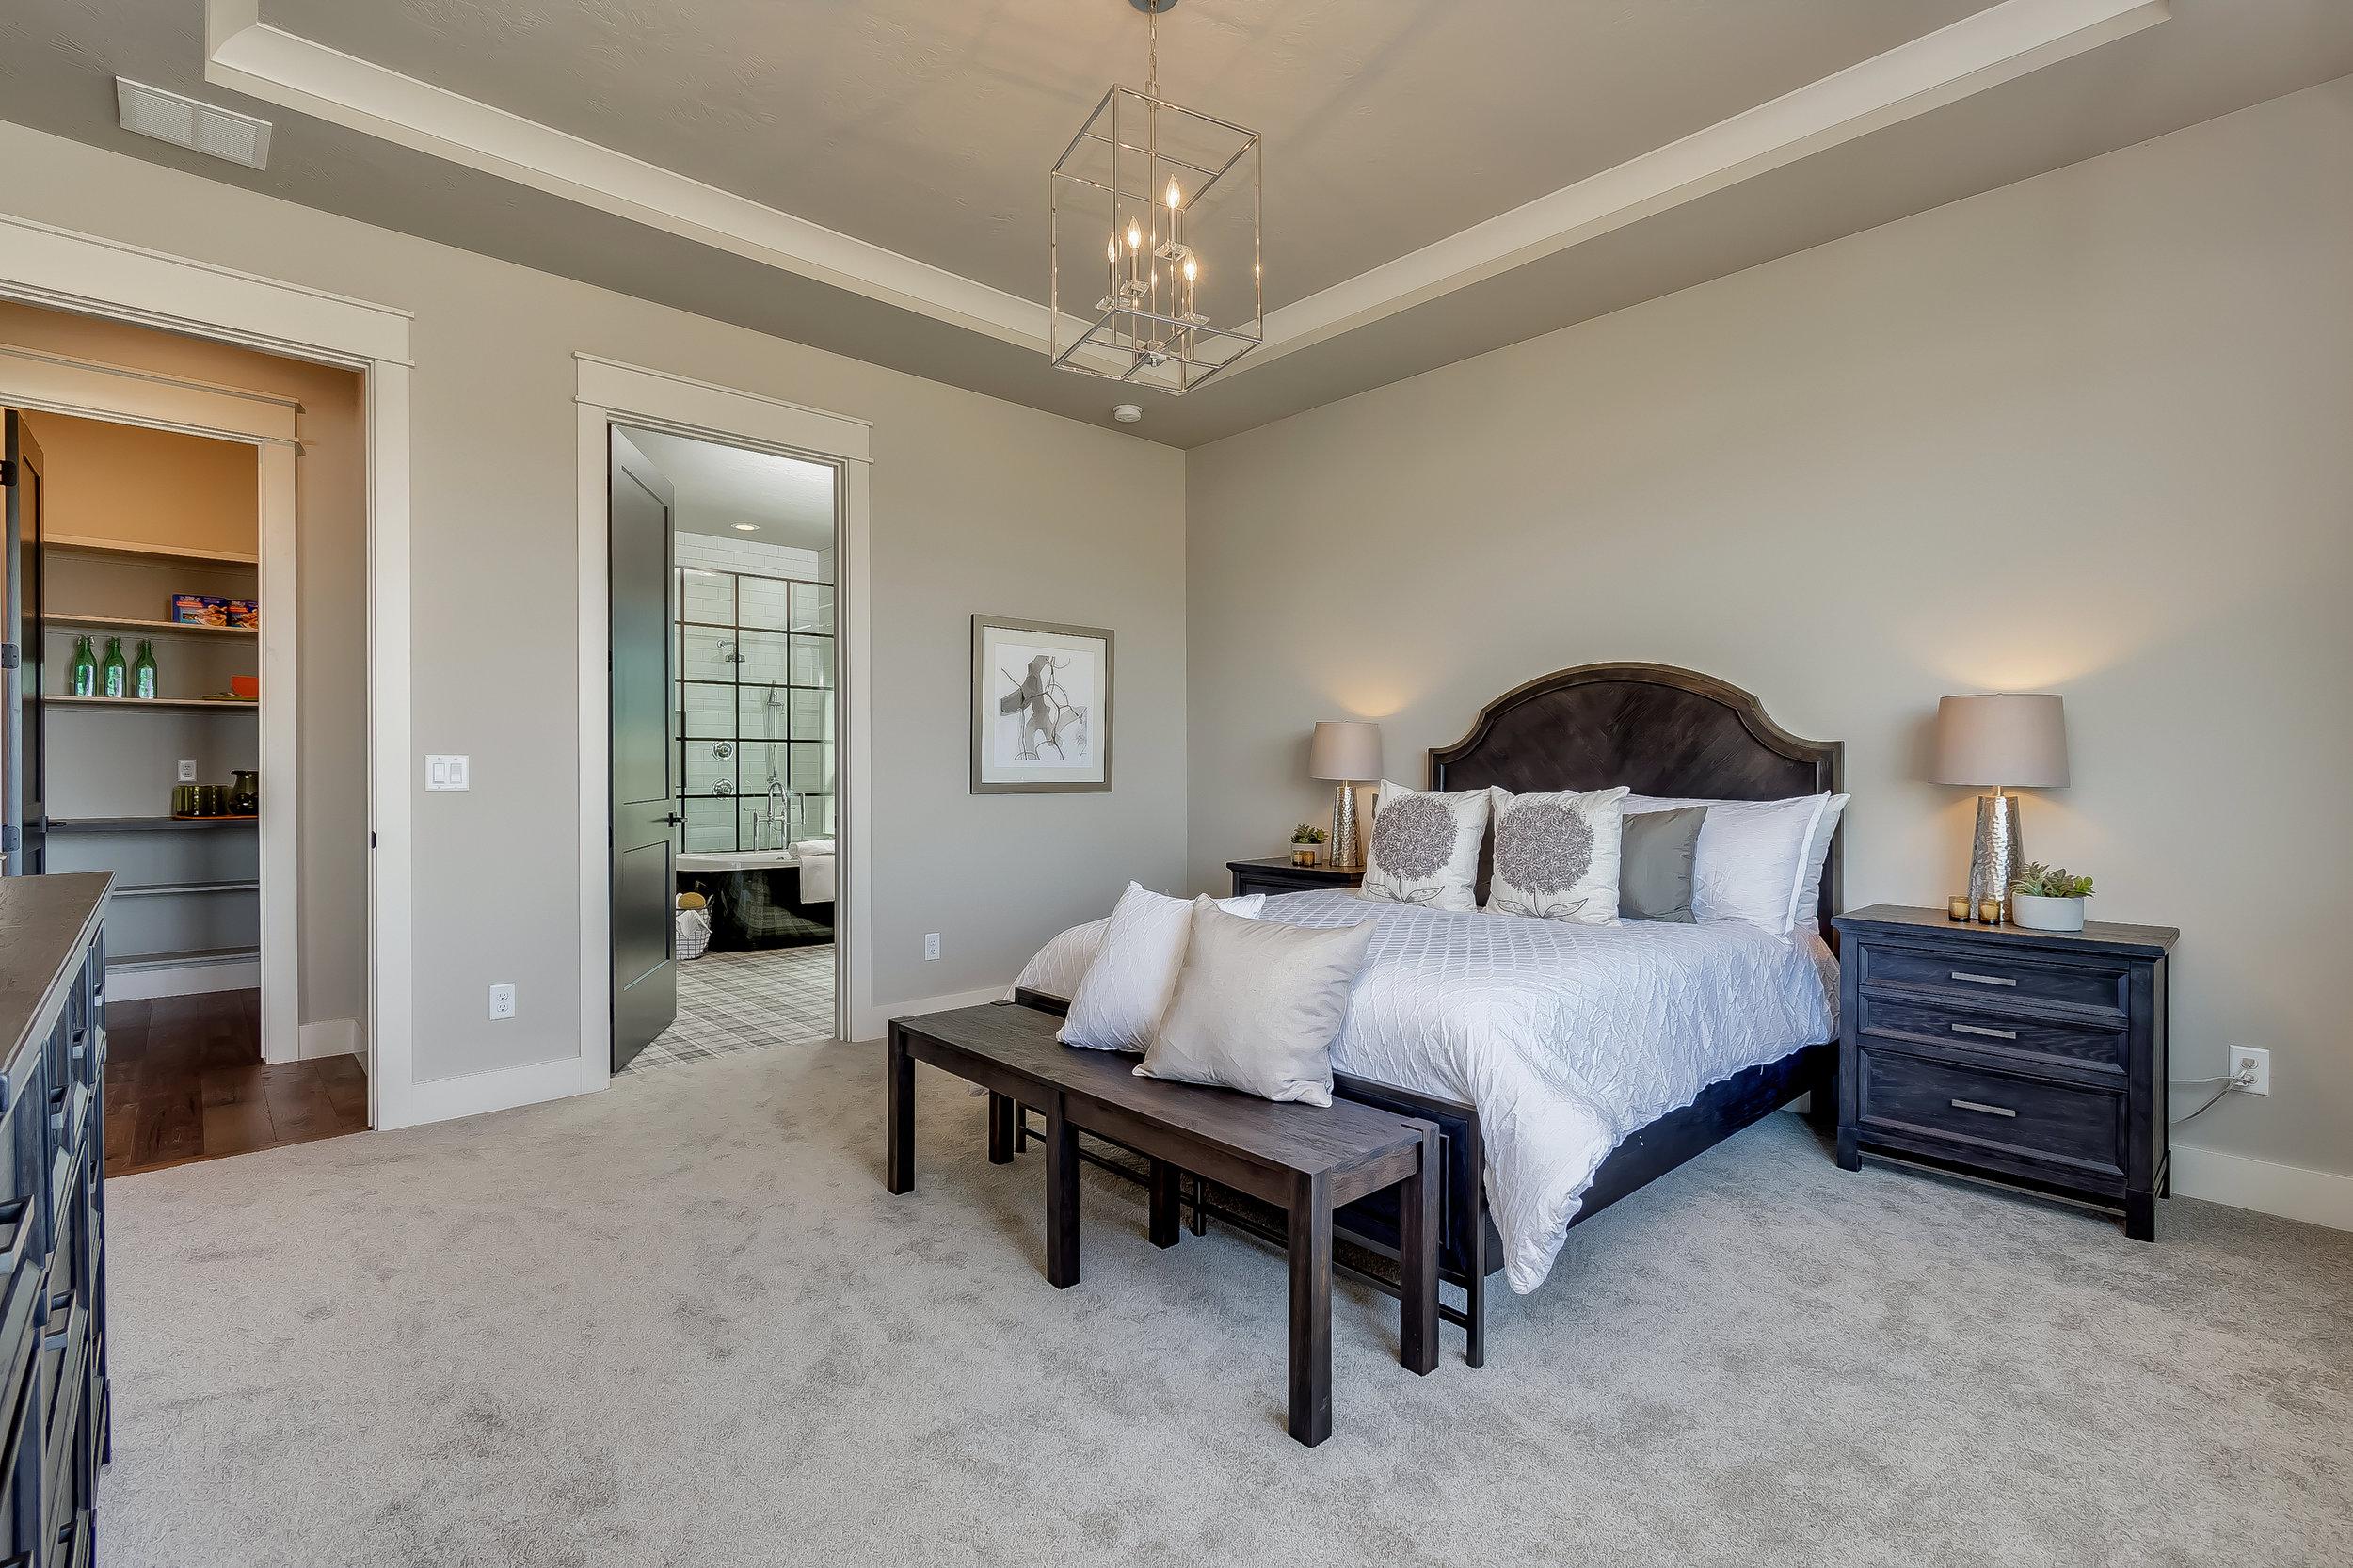 043_Master Bedroom .jpg